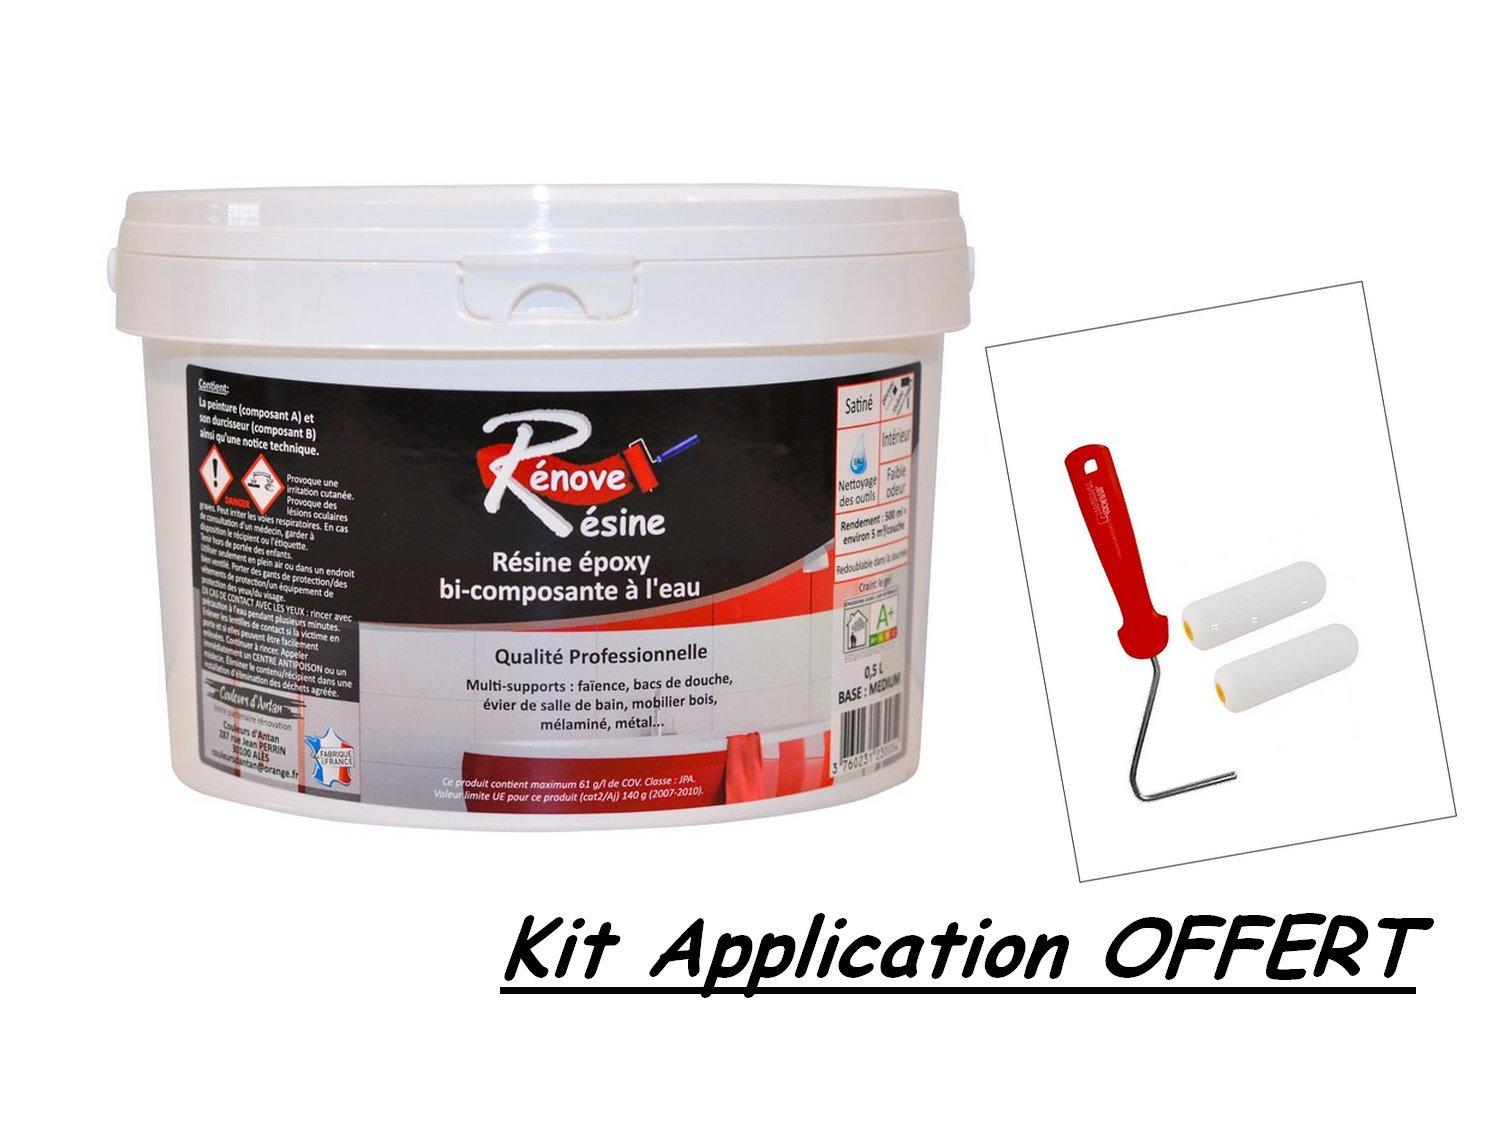 Peinture Ré sine 0.5L - Multisupport RAL 8019 - Brun gris - Faï ence, Carrelage, Douche, Baignoire - Kit d'application OFFERT Baignoire - Kit d' application OFFERT PEINTUROKILO